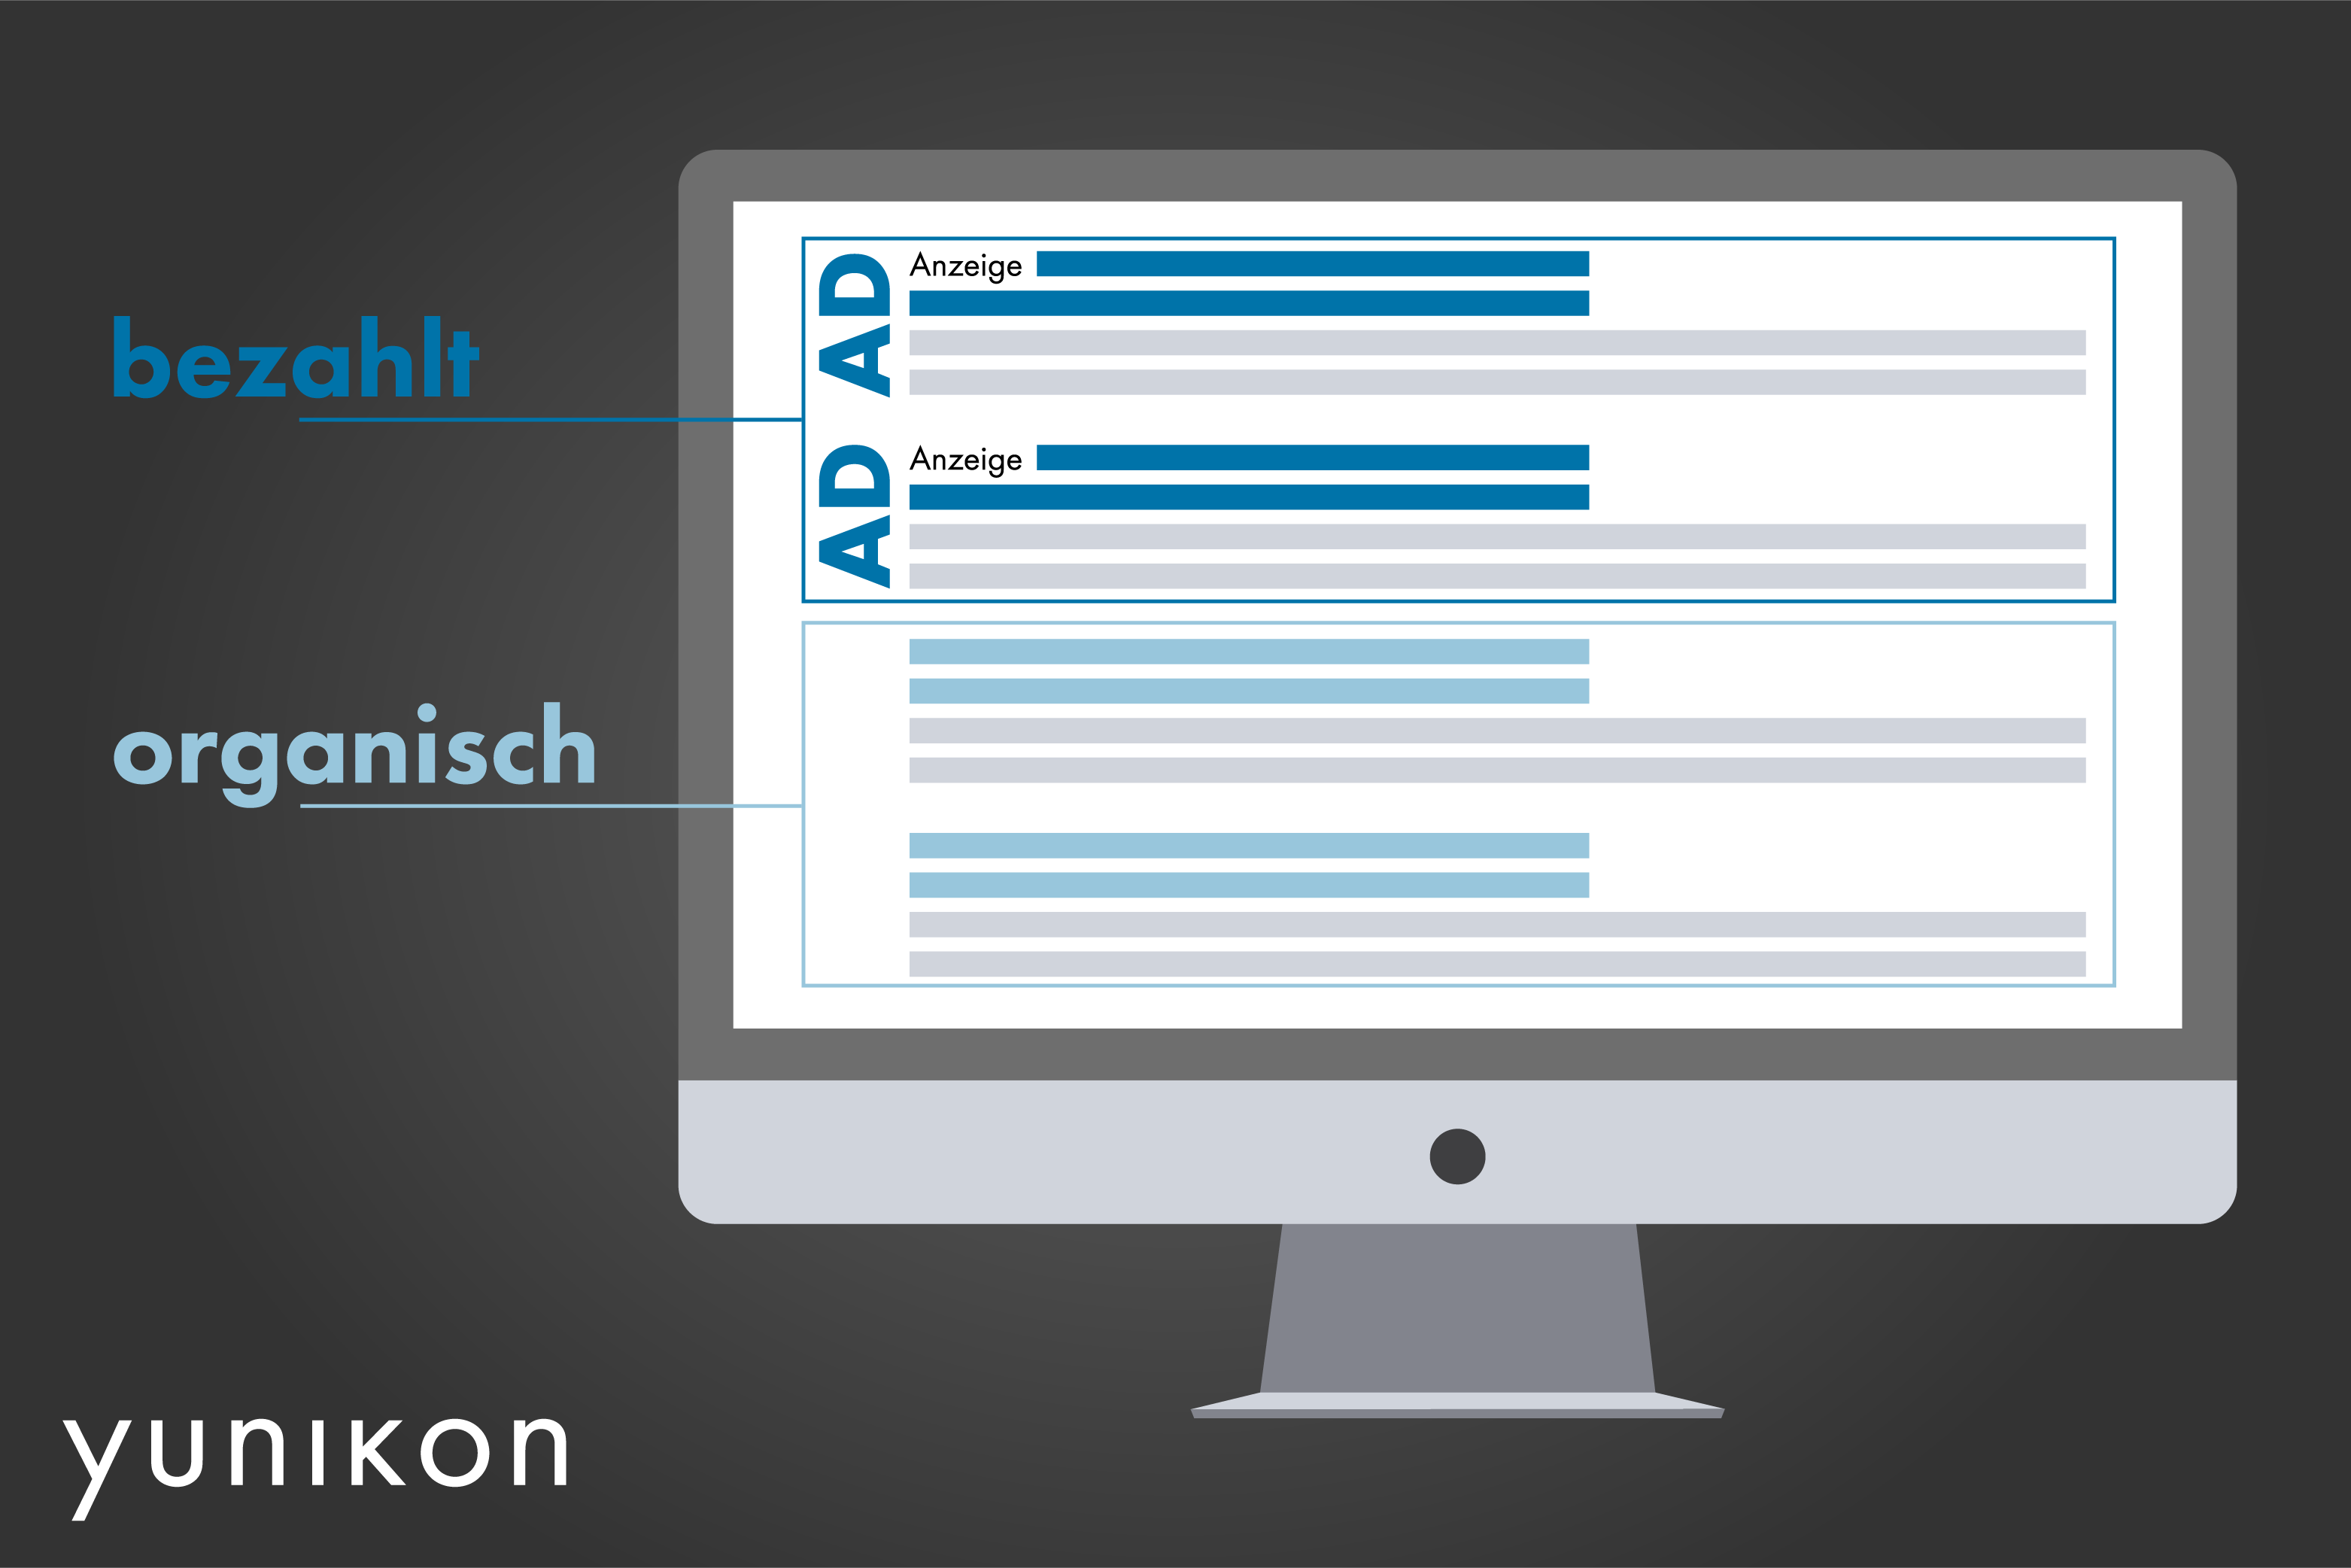 yunikon-die-welt-der-suchmaschinen-infografik